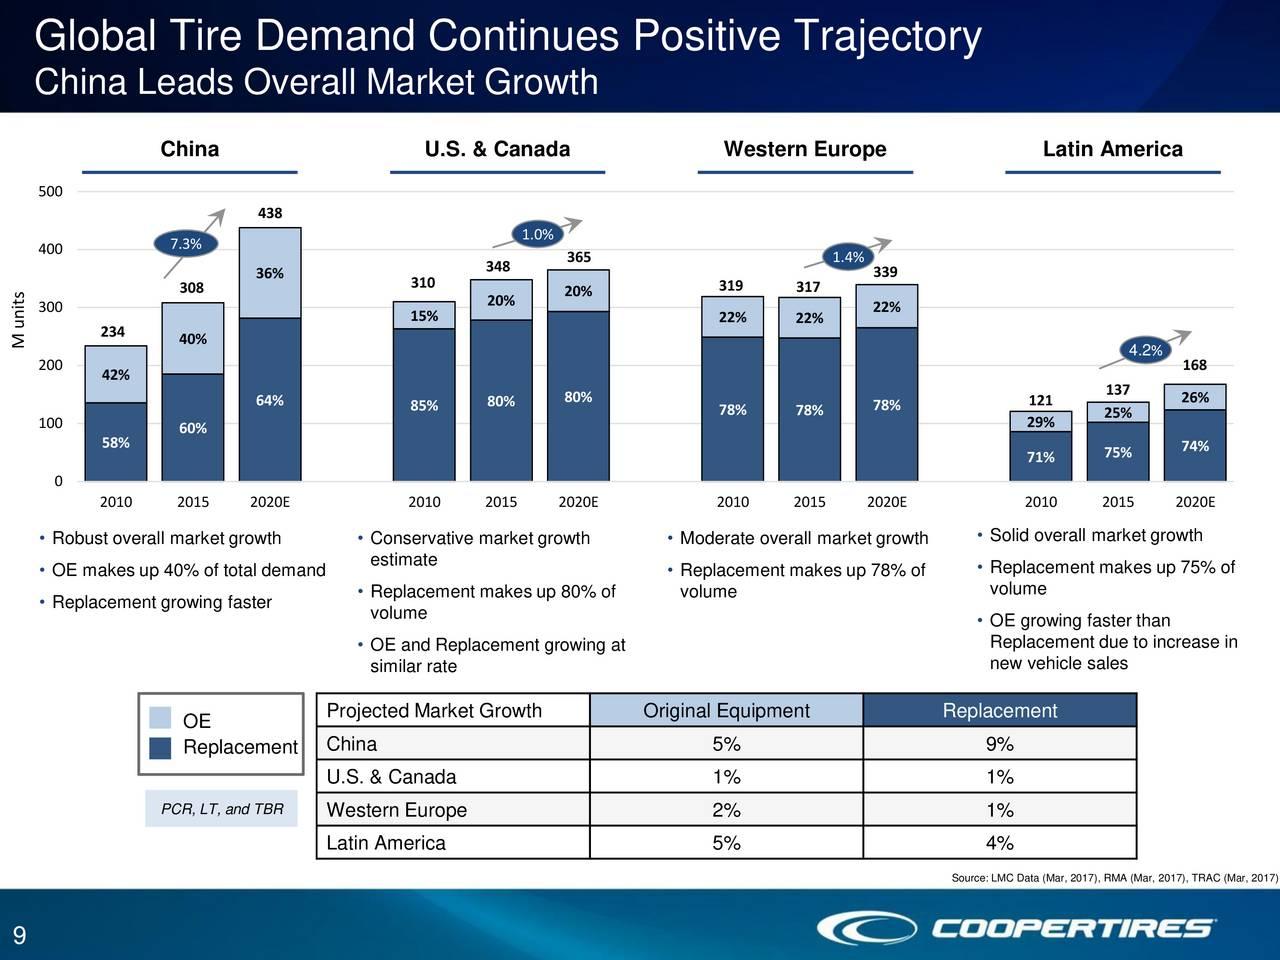 Case Study-Cooper Tire and Rubber Company Essay